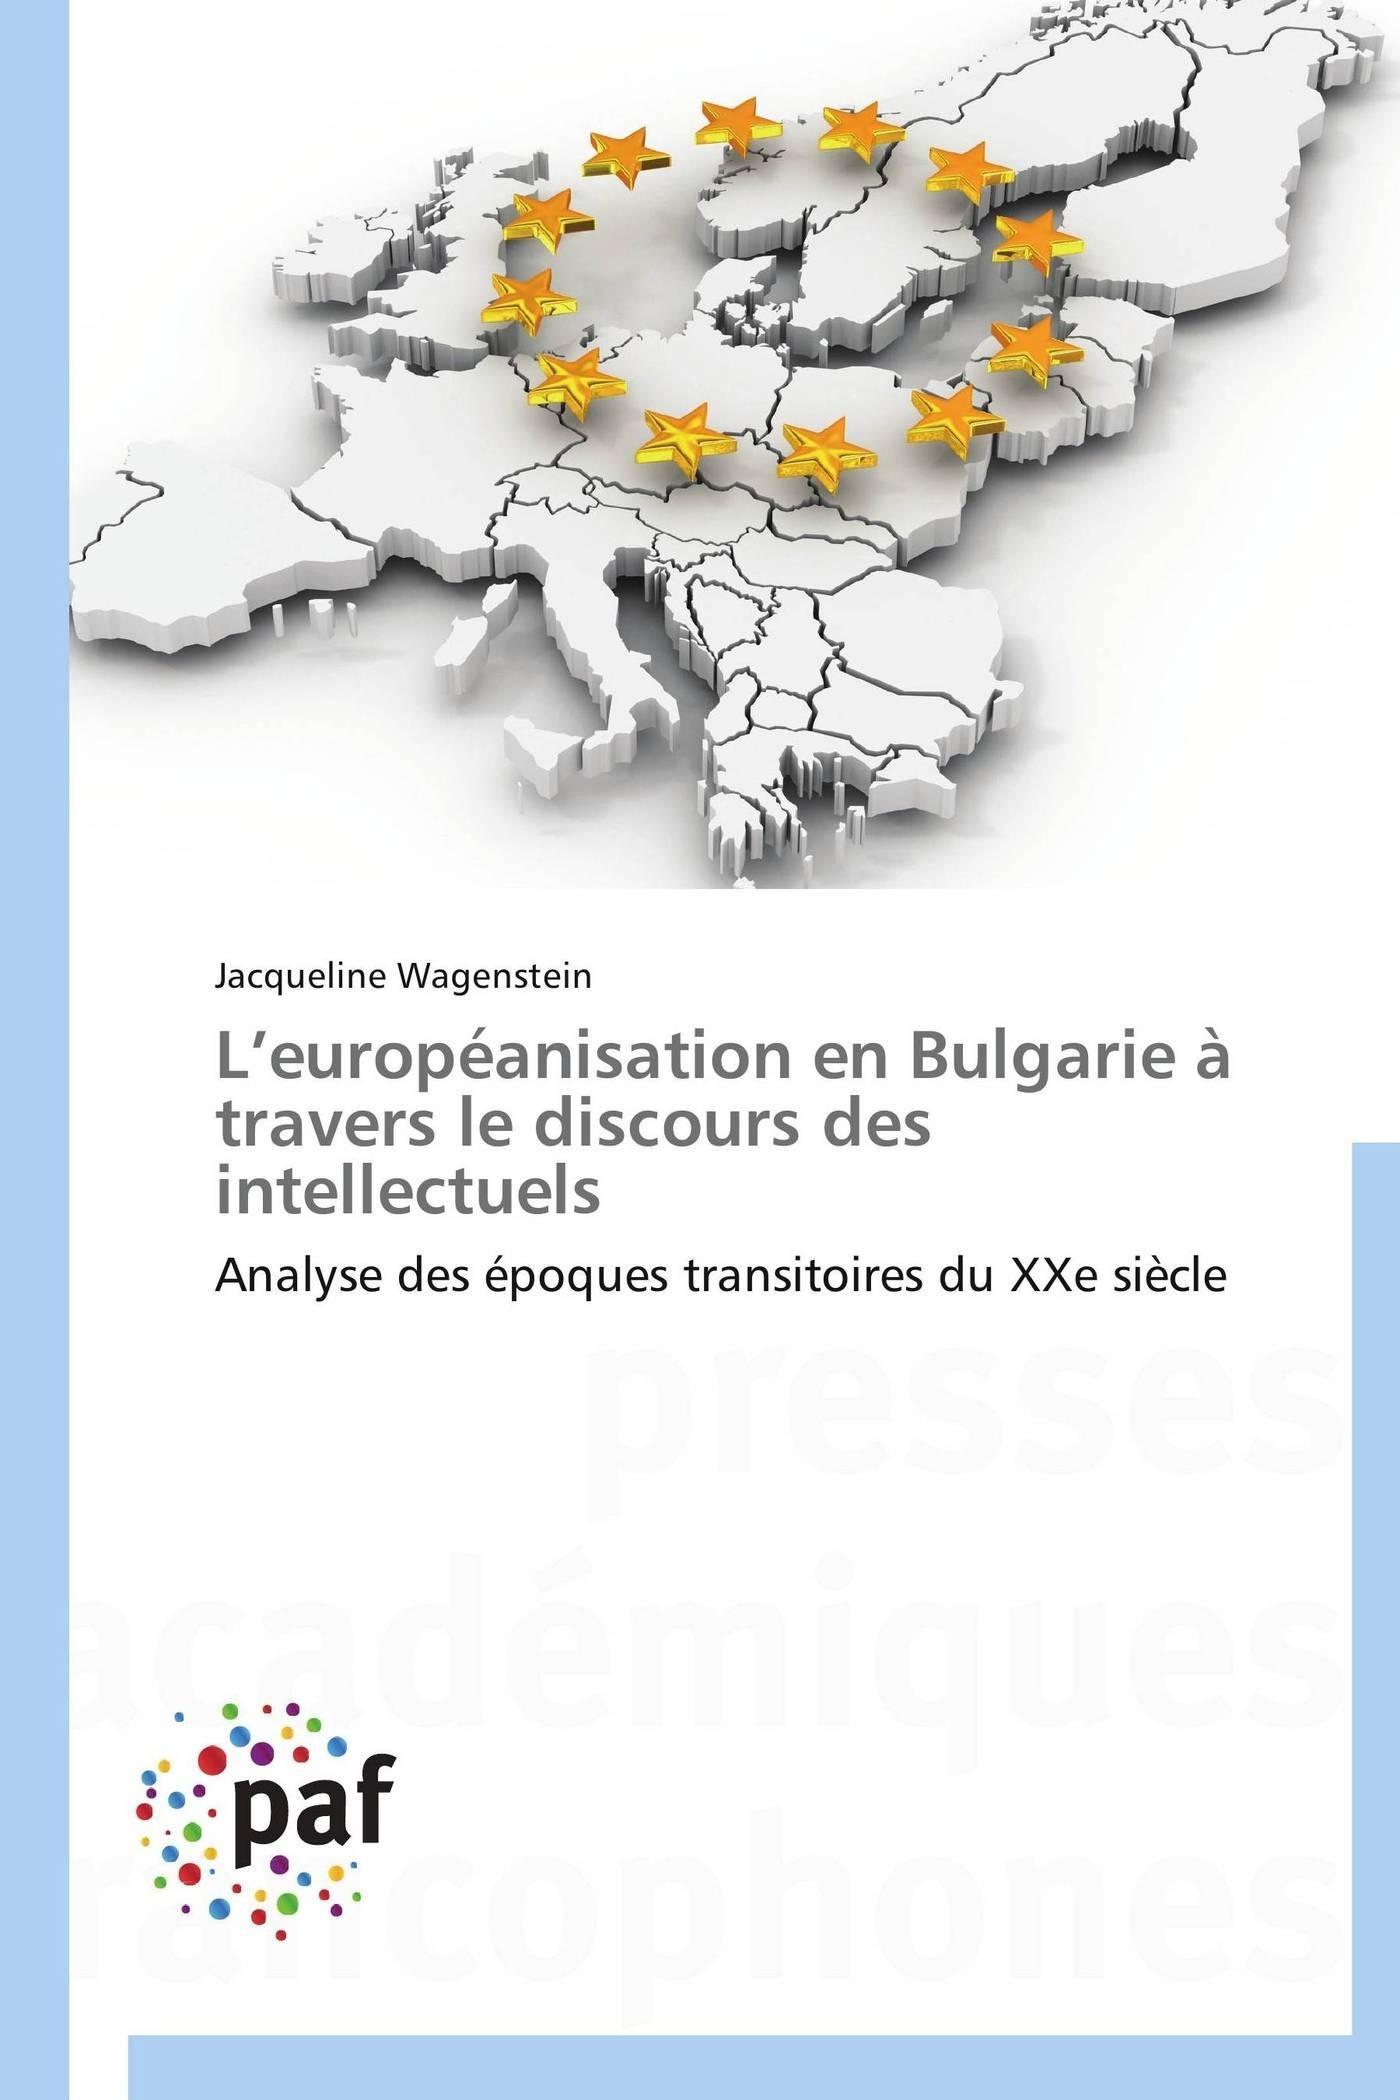 L EUROPEANISATION EN BULGARIE A TRAVERS LE DISCOURS DES INTELLECTUELS